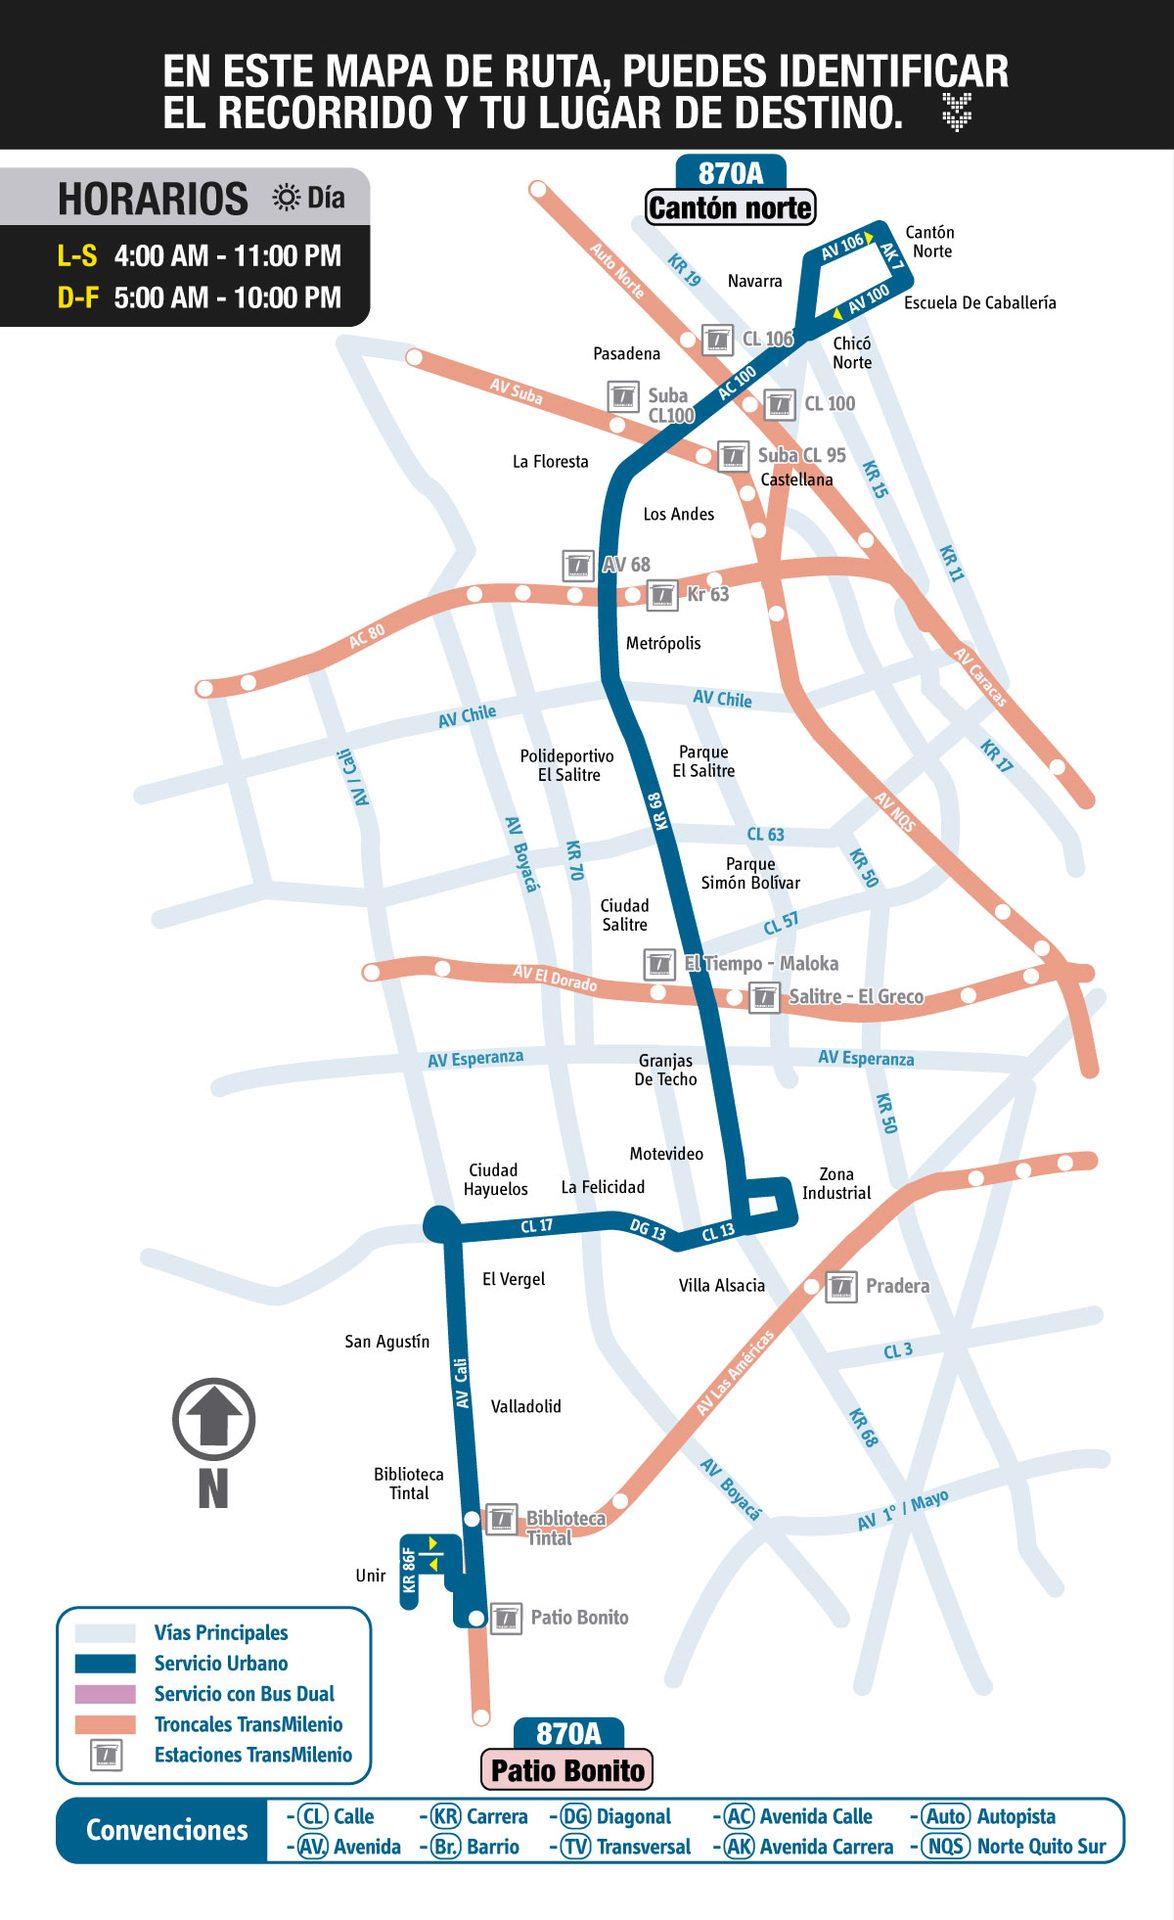 Ruta SITP: 870A Patio Bonito ↔ Cantón Norte (Floresta) [Urbana] 2